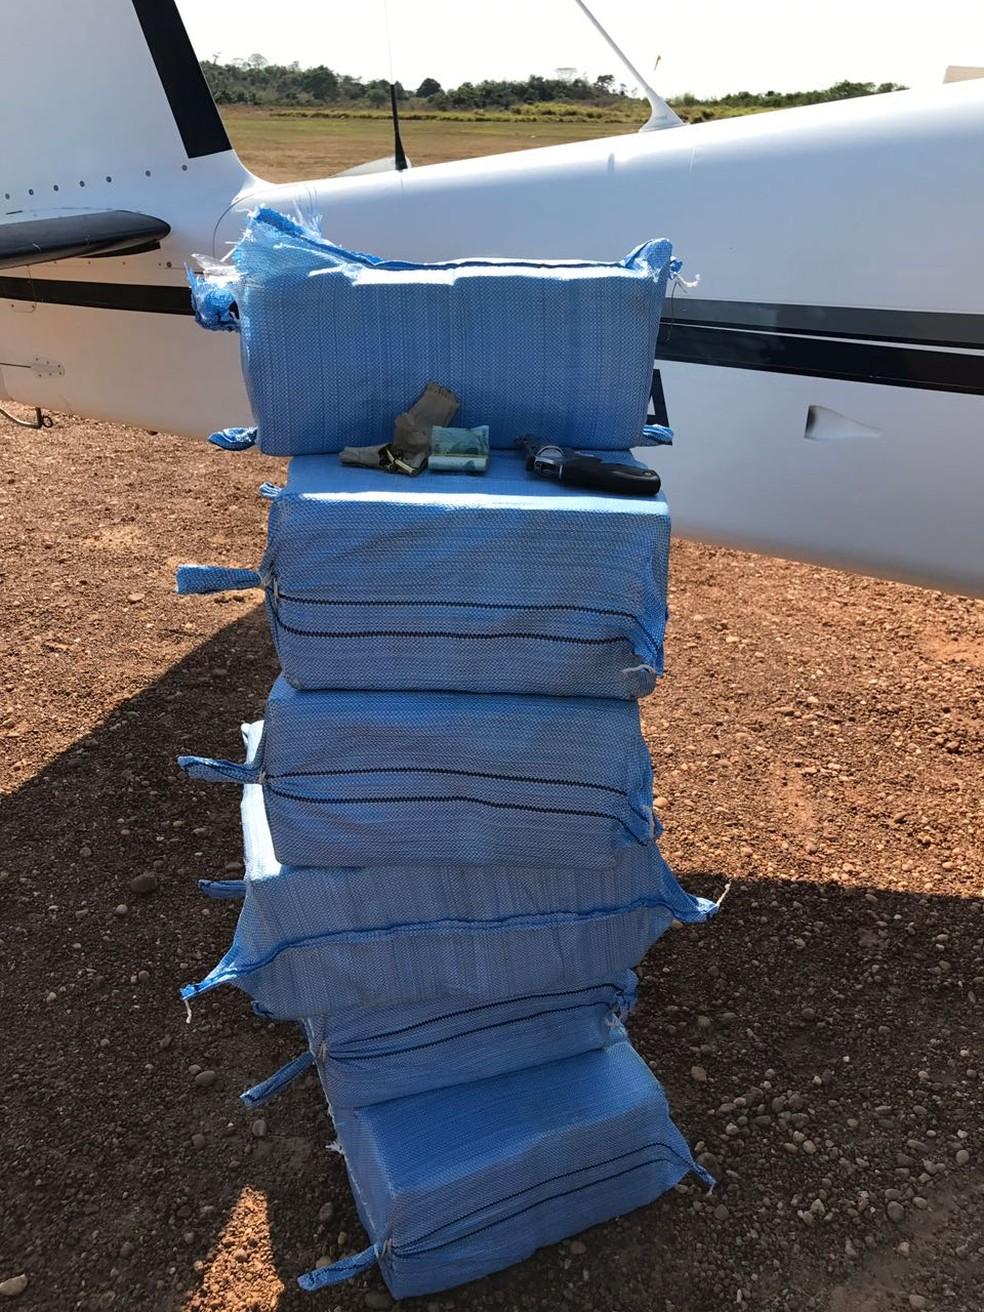 Suspeitos deram versões diferentes de onde saíram: um disse que avião saiu da Bolívia e o outro afirmou que eles saíram de Rondônia (Foto: Polícia Federal de MT/Assessoria)